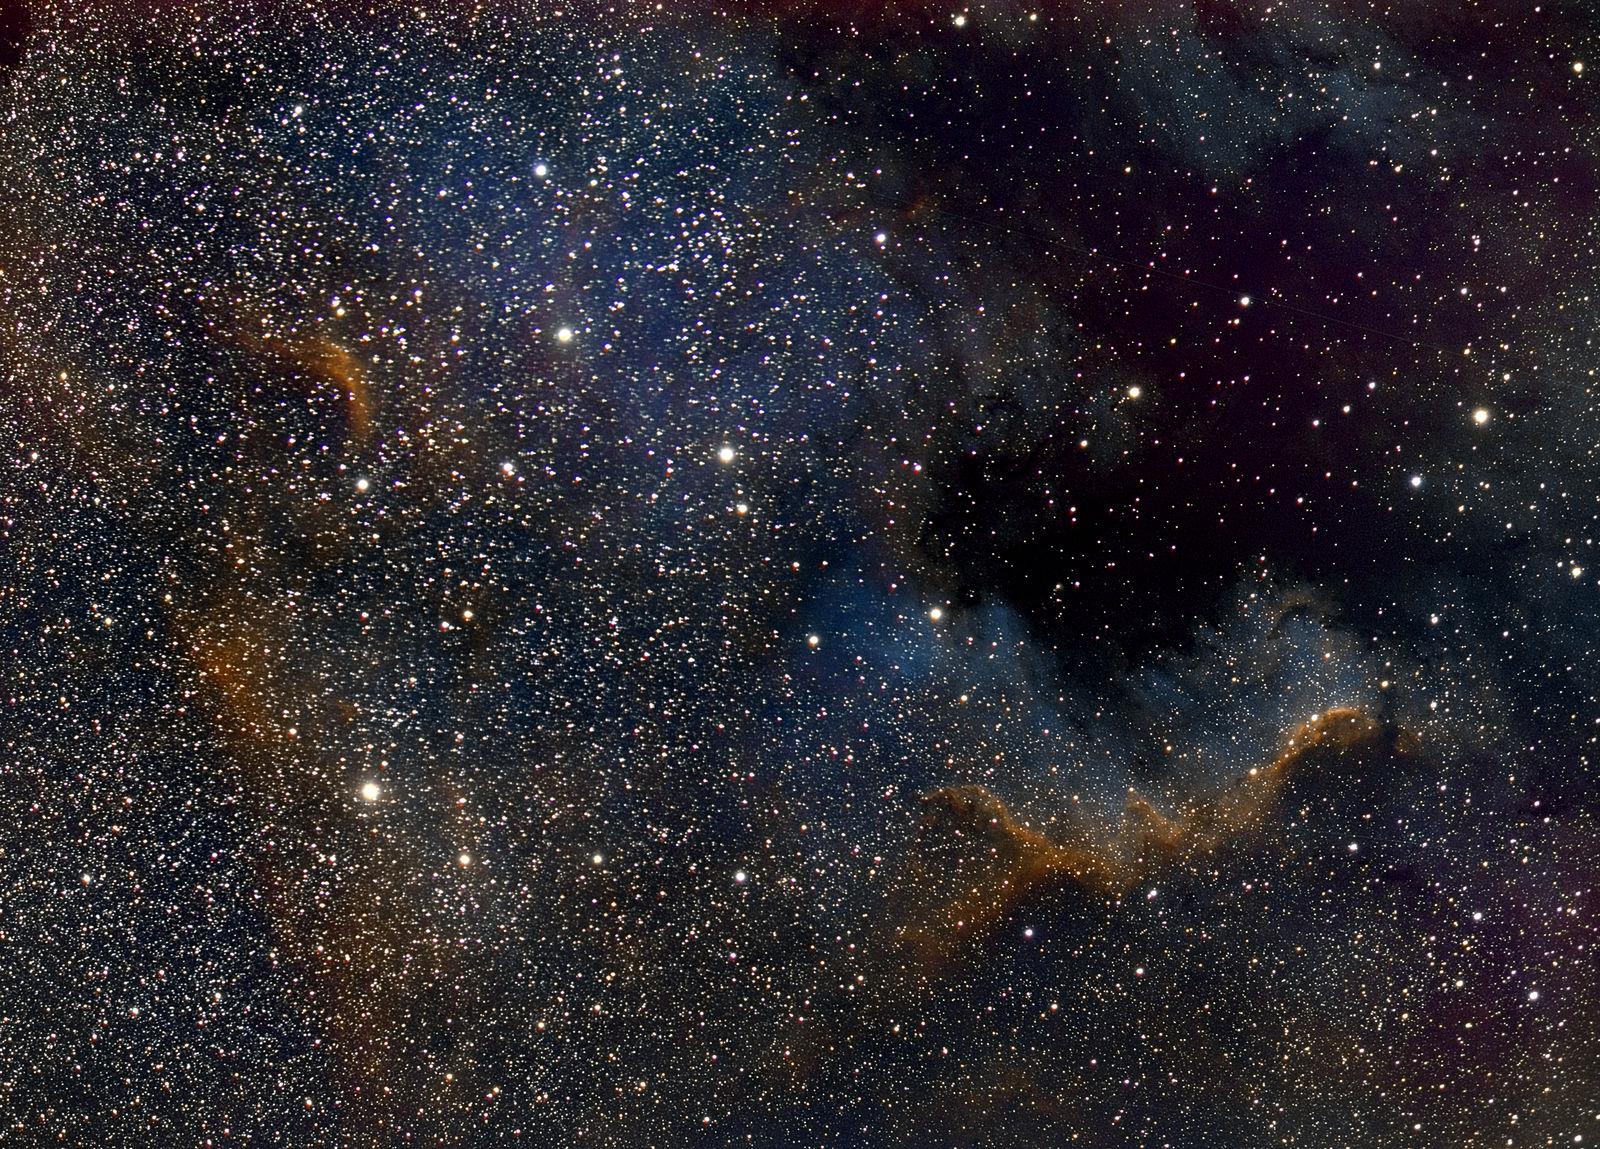 NGC7000 20180719 QHY163M1 ED80 NB2 FR 01